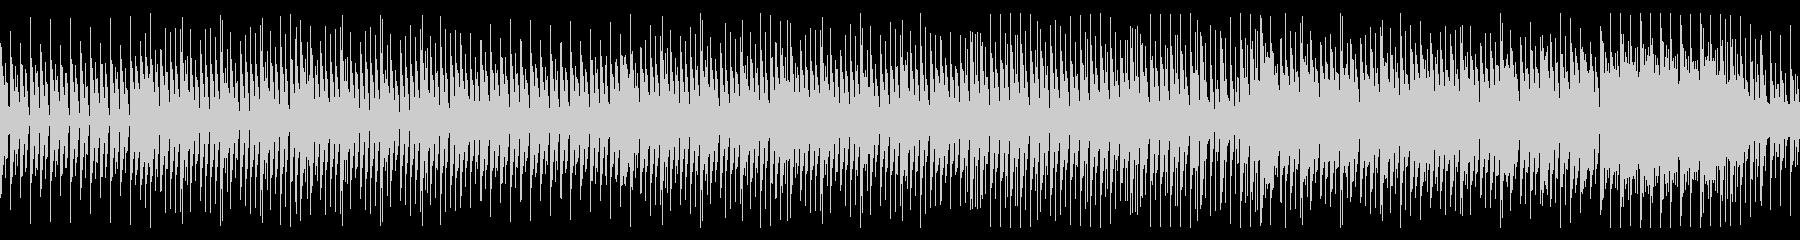 【ループ】いたずらコミカルなハロウィン曲の未再生の波形